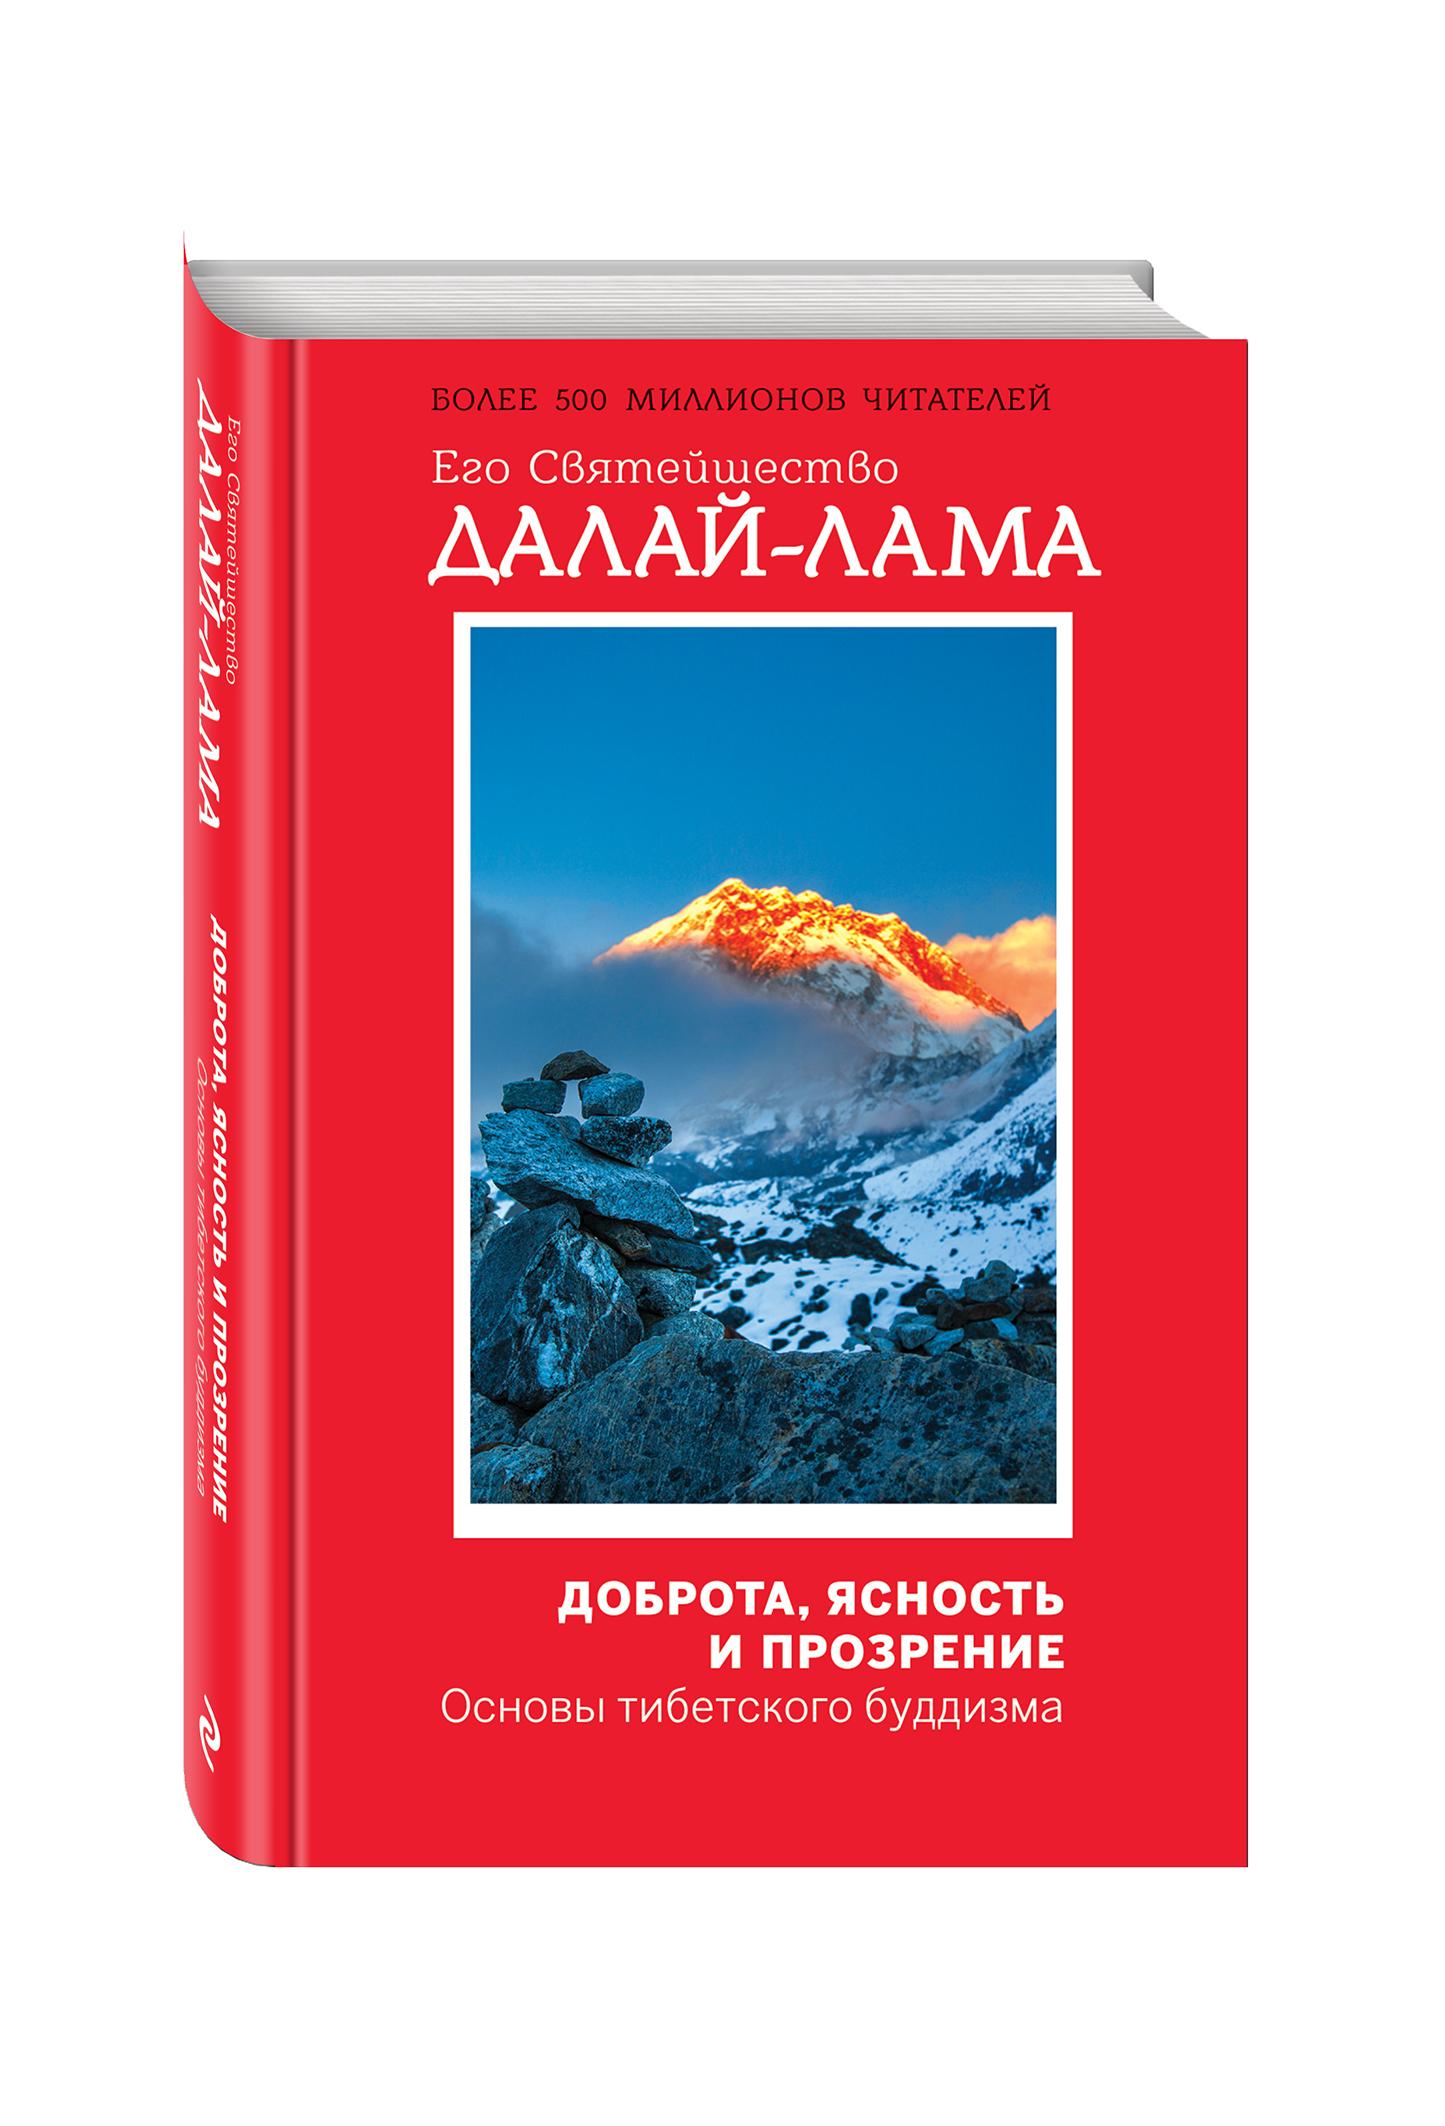 Доброта, ясность и прозрение. Основы тибетского буддизма (оф. 1) ( Далай-лама  )